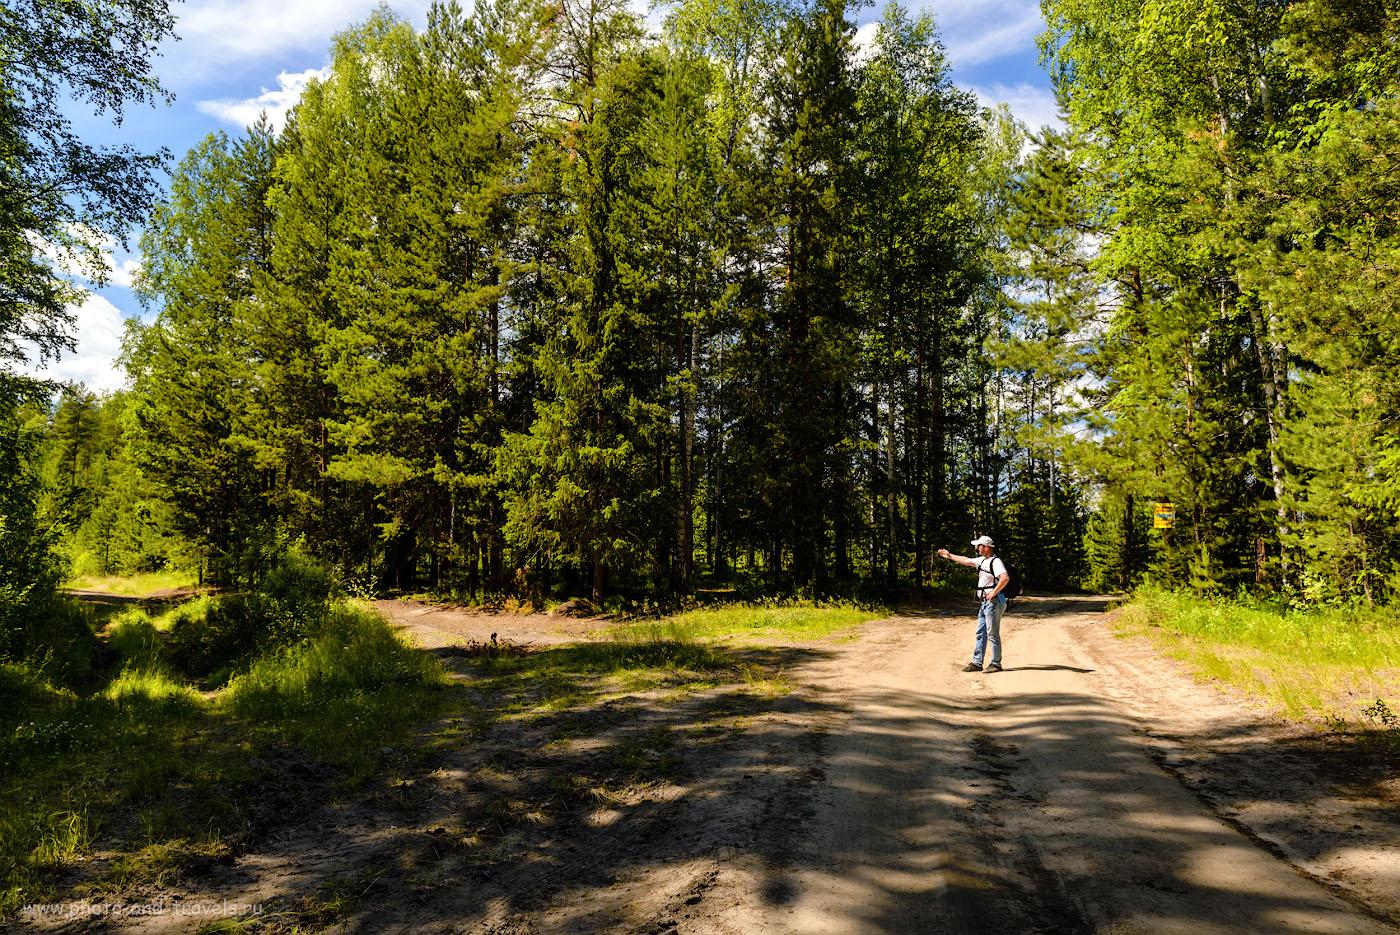 Фотография 5. Чуть пройдете и упретесь в сады. Вам – левее, на узкую лесную дорогу. Развилка «Б». 1/125, -1.0, 8.0, 100, 24.